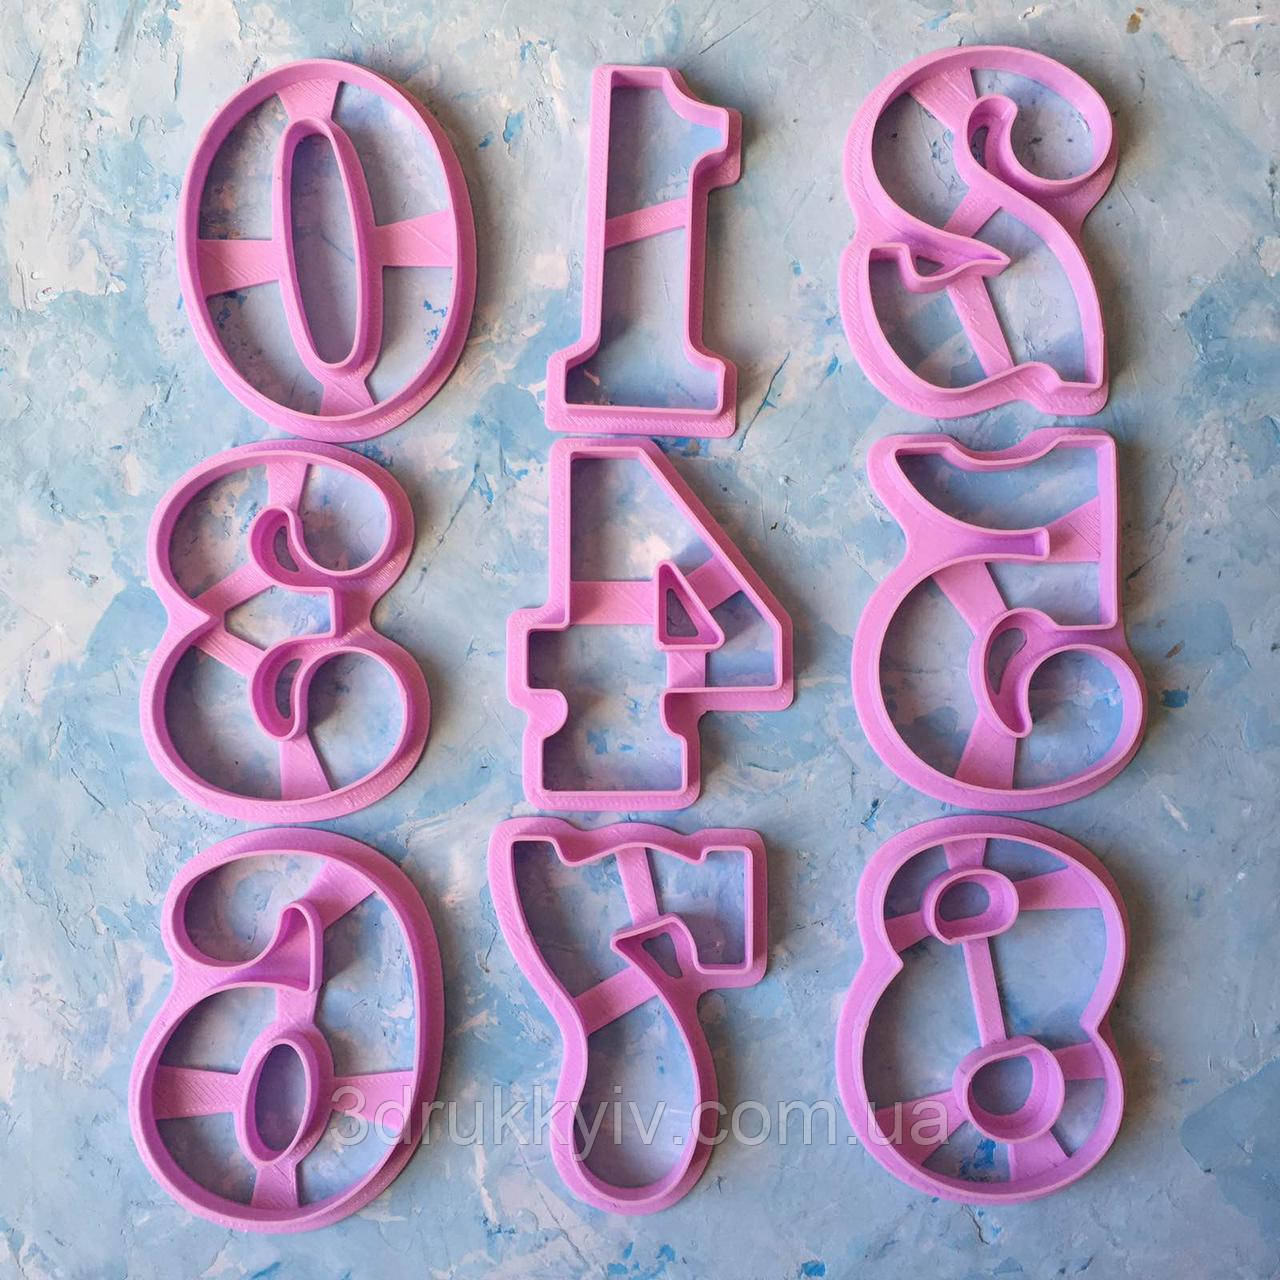 """Вирубки для пряників """"Цифри, набір цифр #4 9 см"""" / Вырубки - формочки для пряников """"Цифры, набор цифр #4"""""""